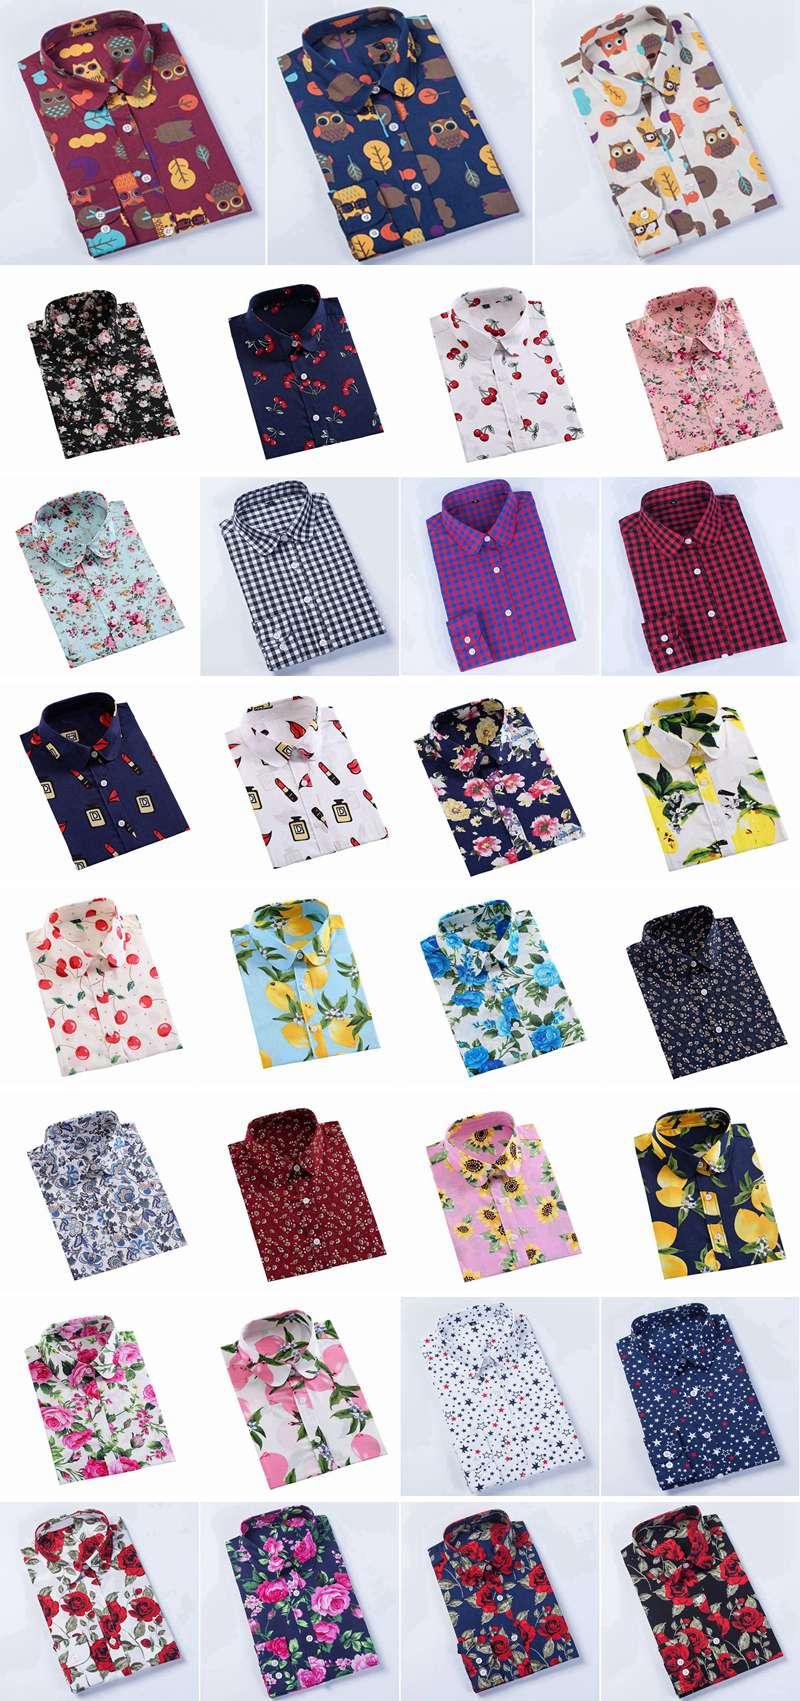 Vrouwen Lange Mouwen Button Shirt Slim Back Pocket Shirt Slim Fit Button Down Casual hawaiian polo shirts goedkope rugby